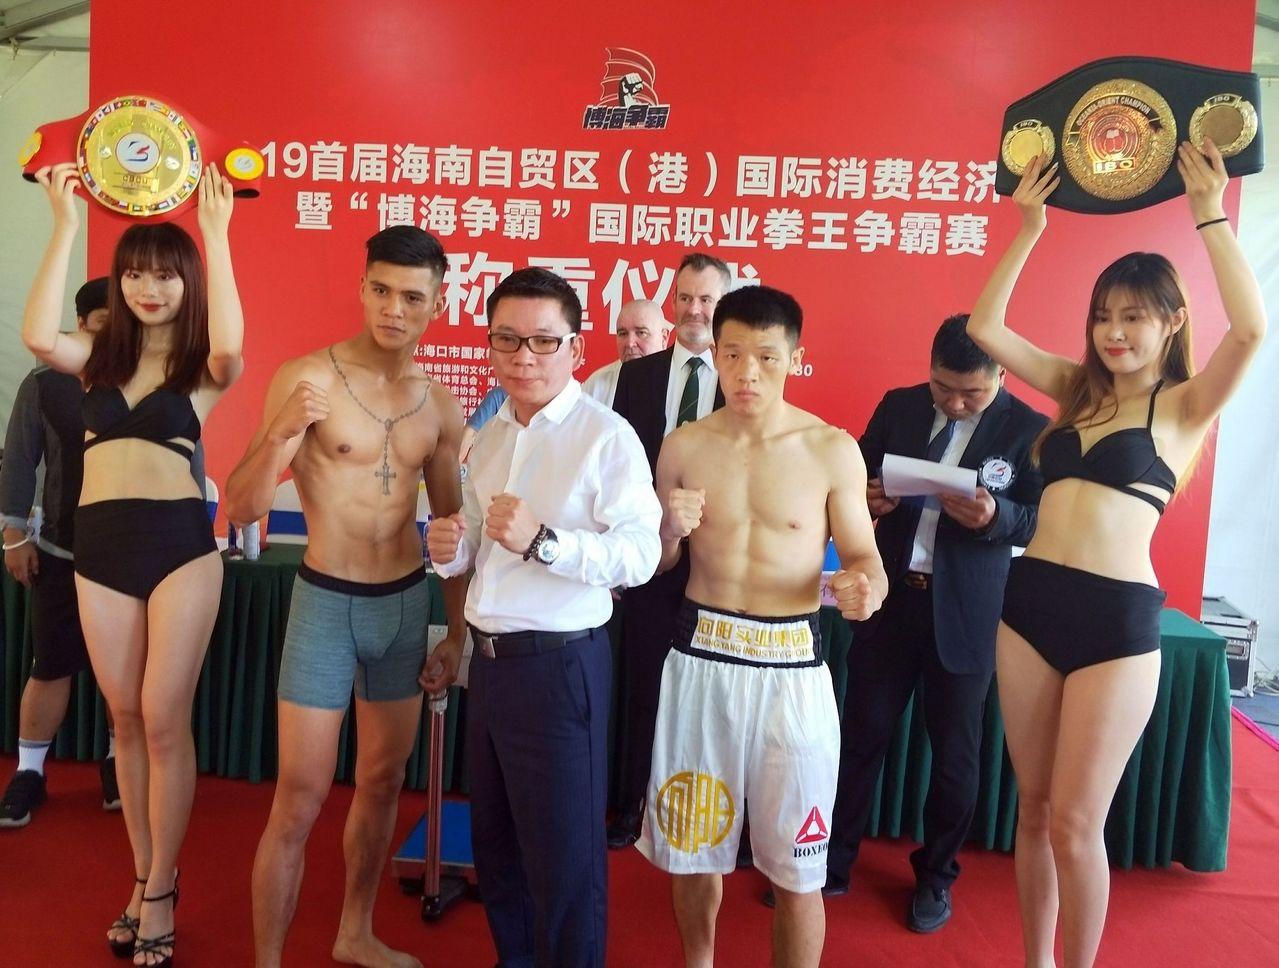 屏東排灣族青年宋維傑(左二)在台灣職業拳擊協會總顧問錢保誠(左三)等人的力挺申訴...